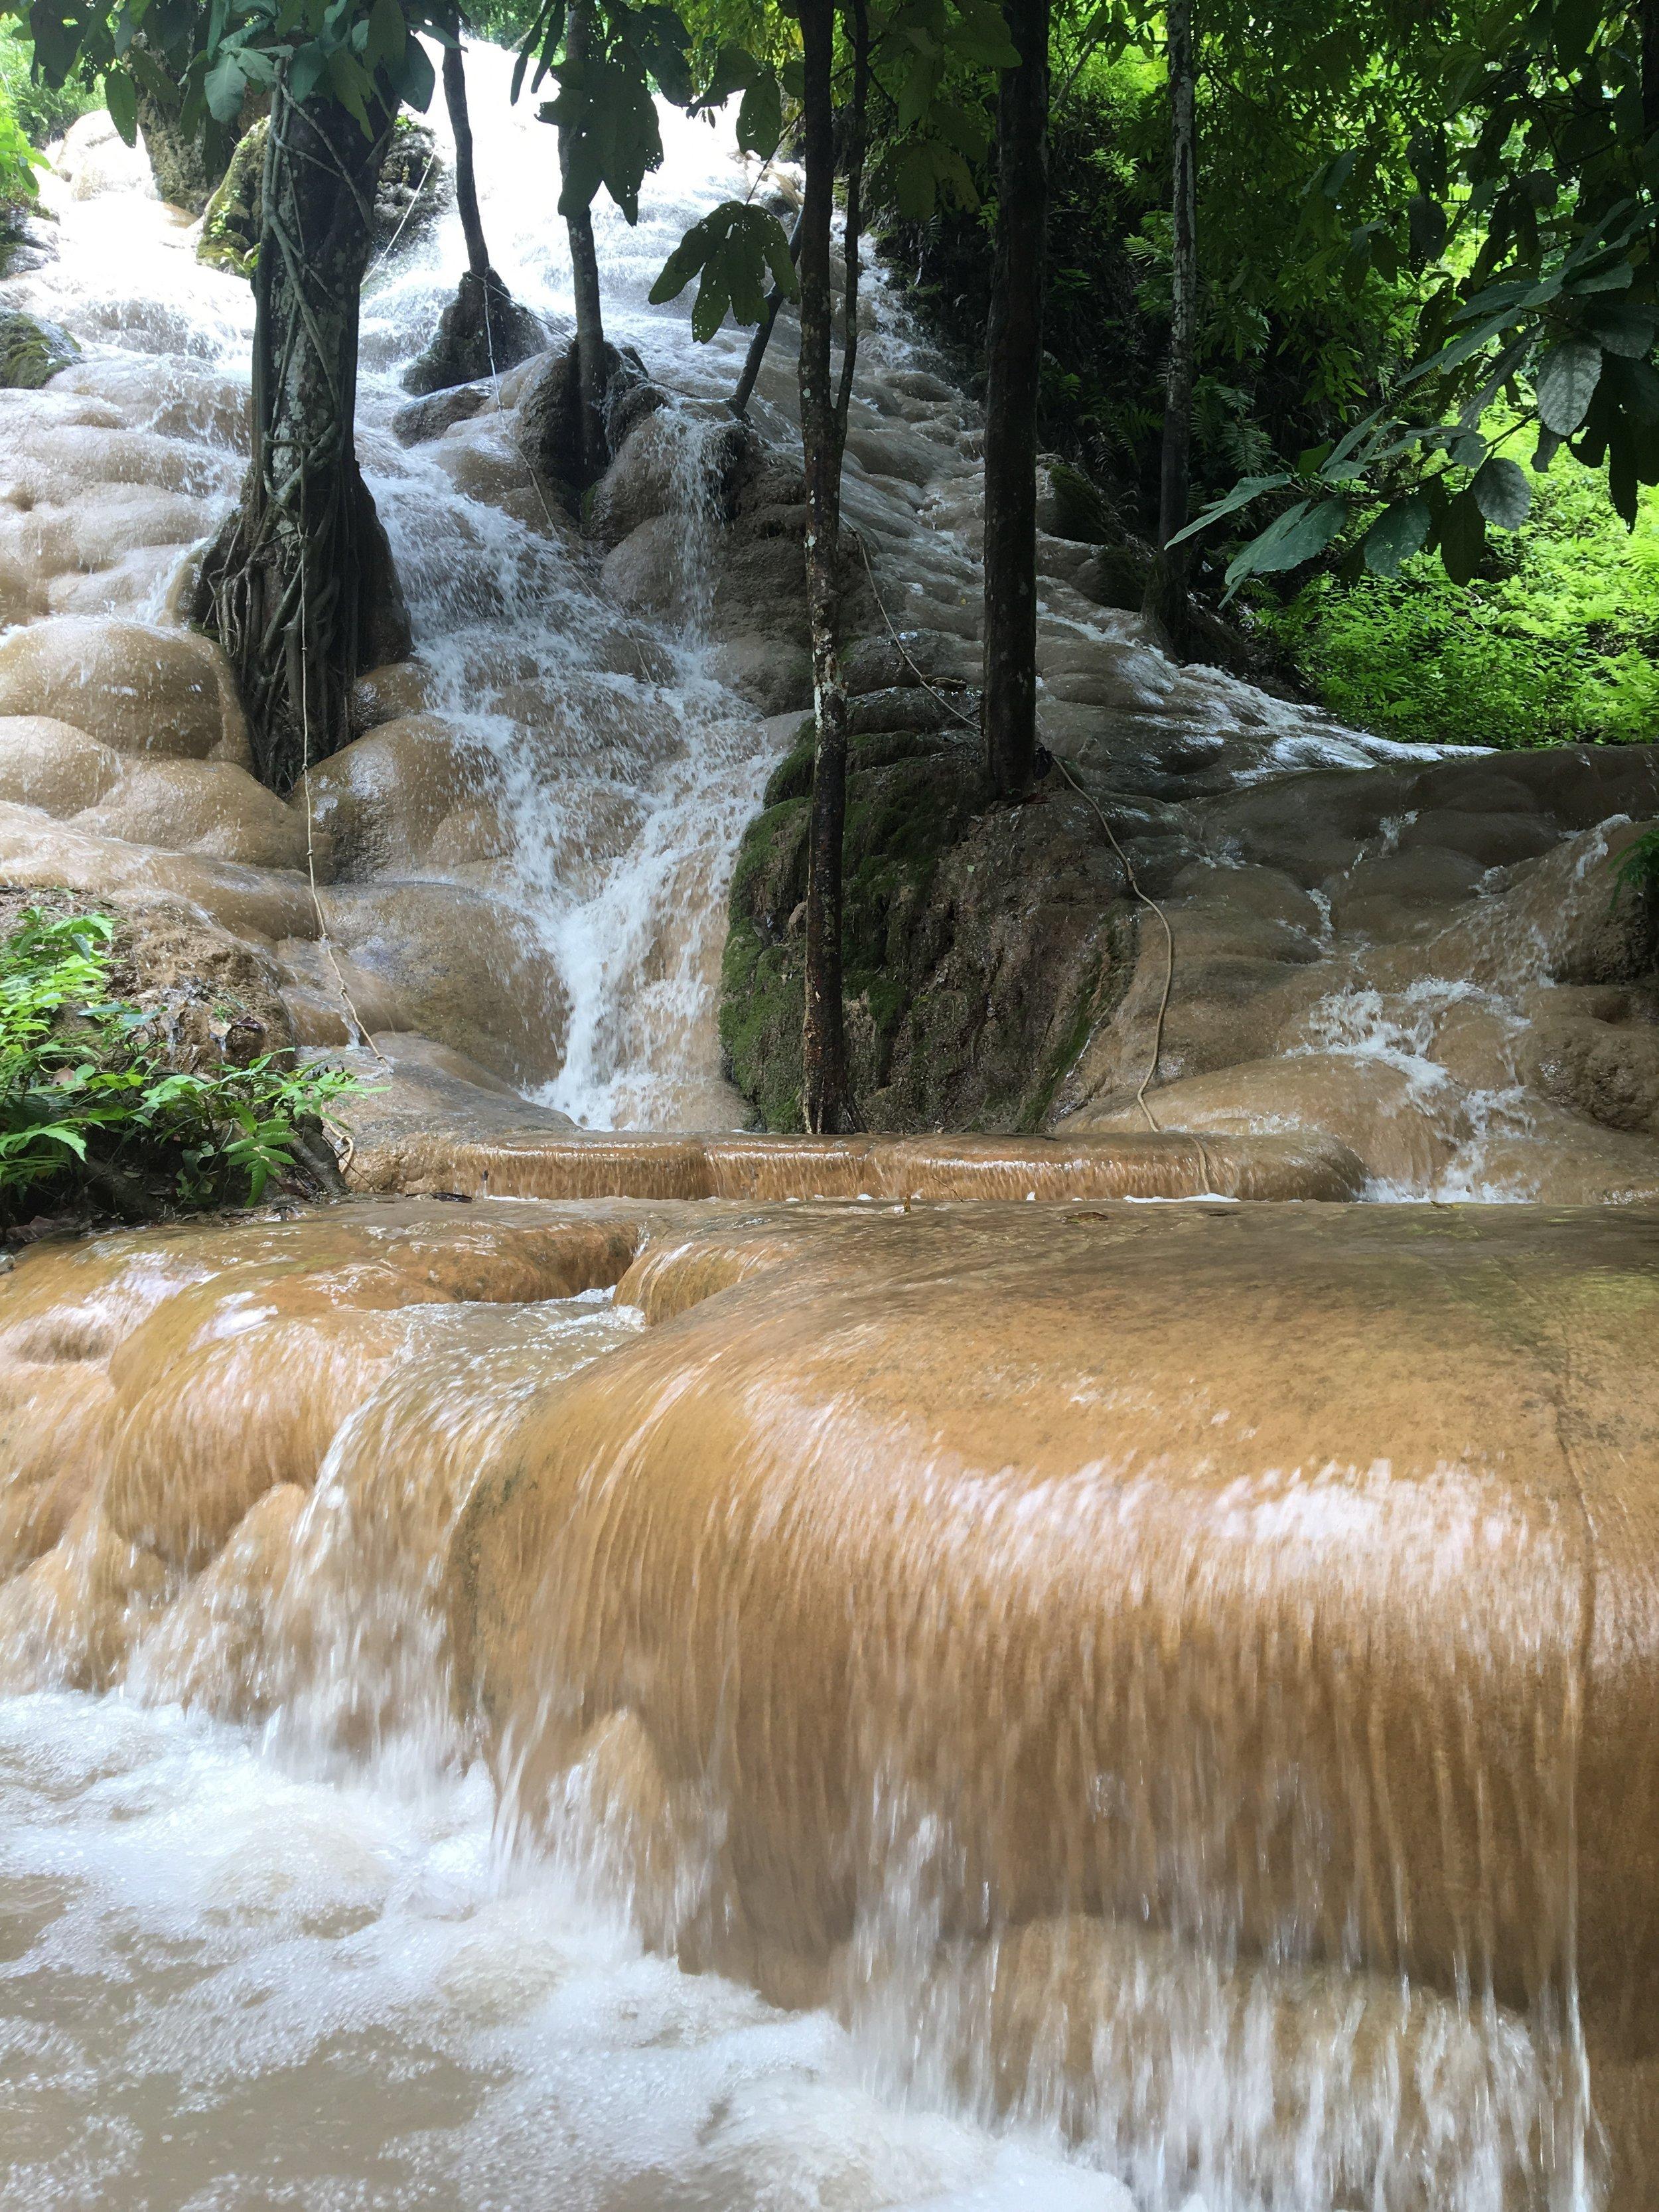 The odd Sticky Falls